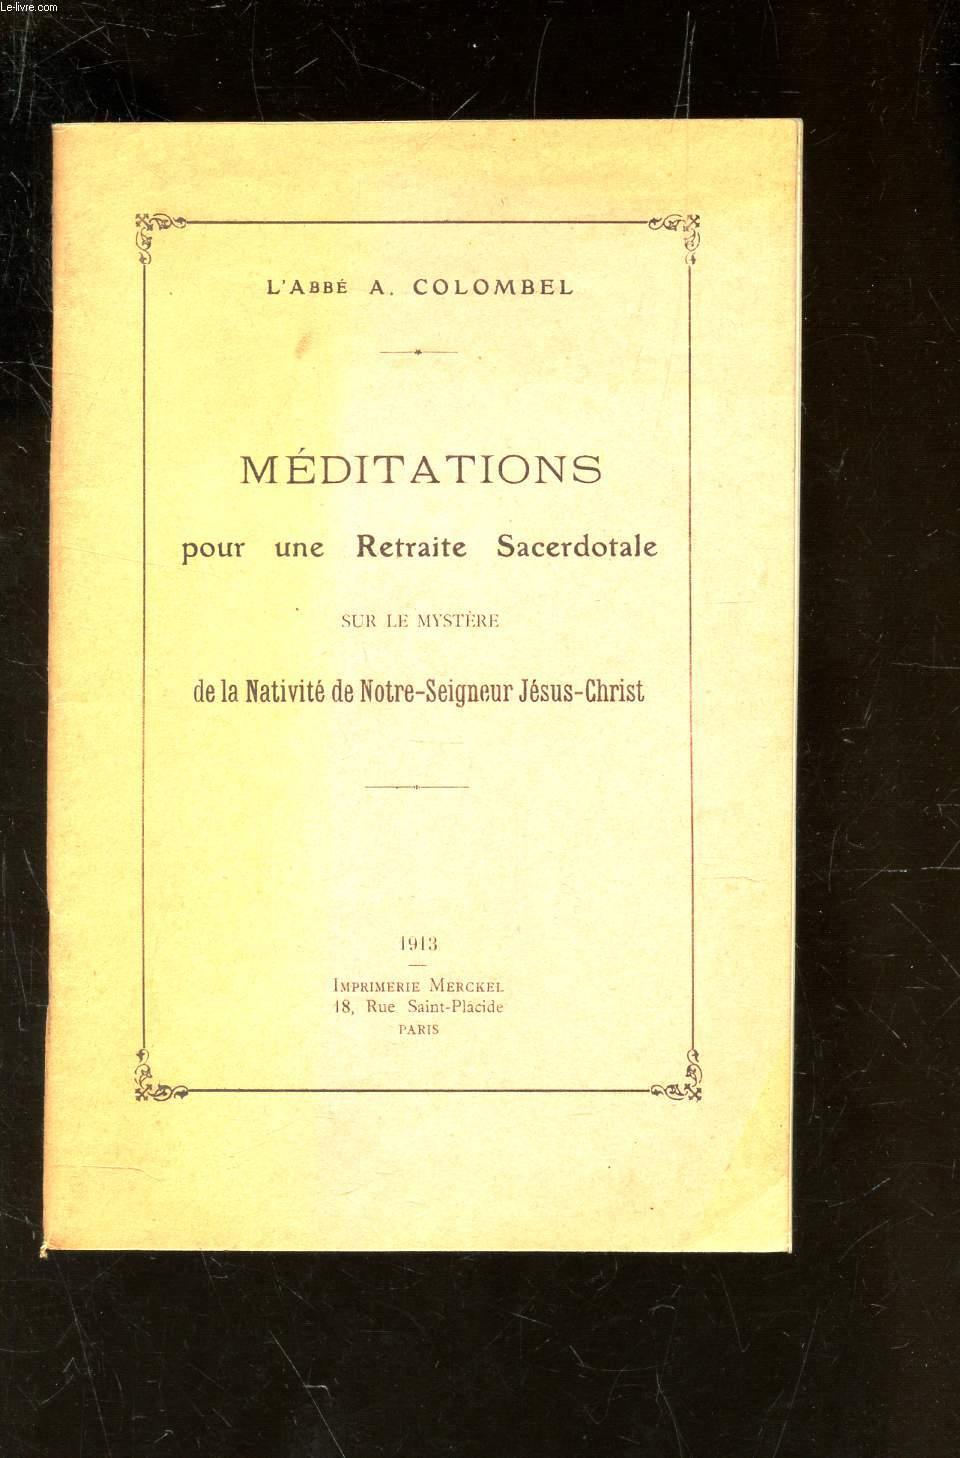 MEDITATIONS POUR UNE RETRAITE SACERDOTALE SUR LE MYSTERE DE LA NATIVITE DE NOTRE-SEIGNEUR JESUS-CHRIST